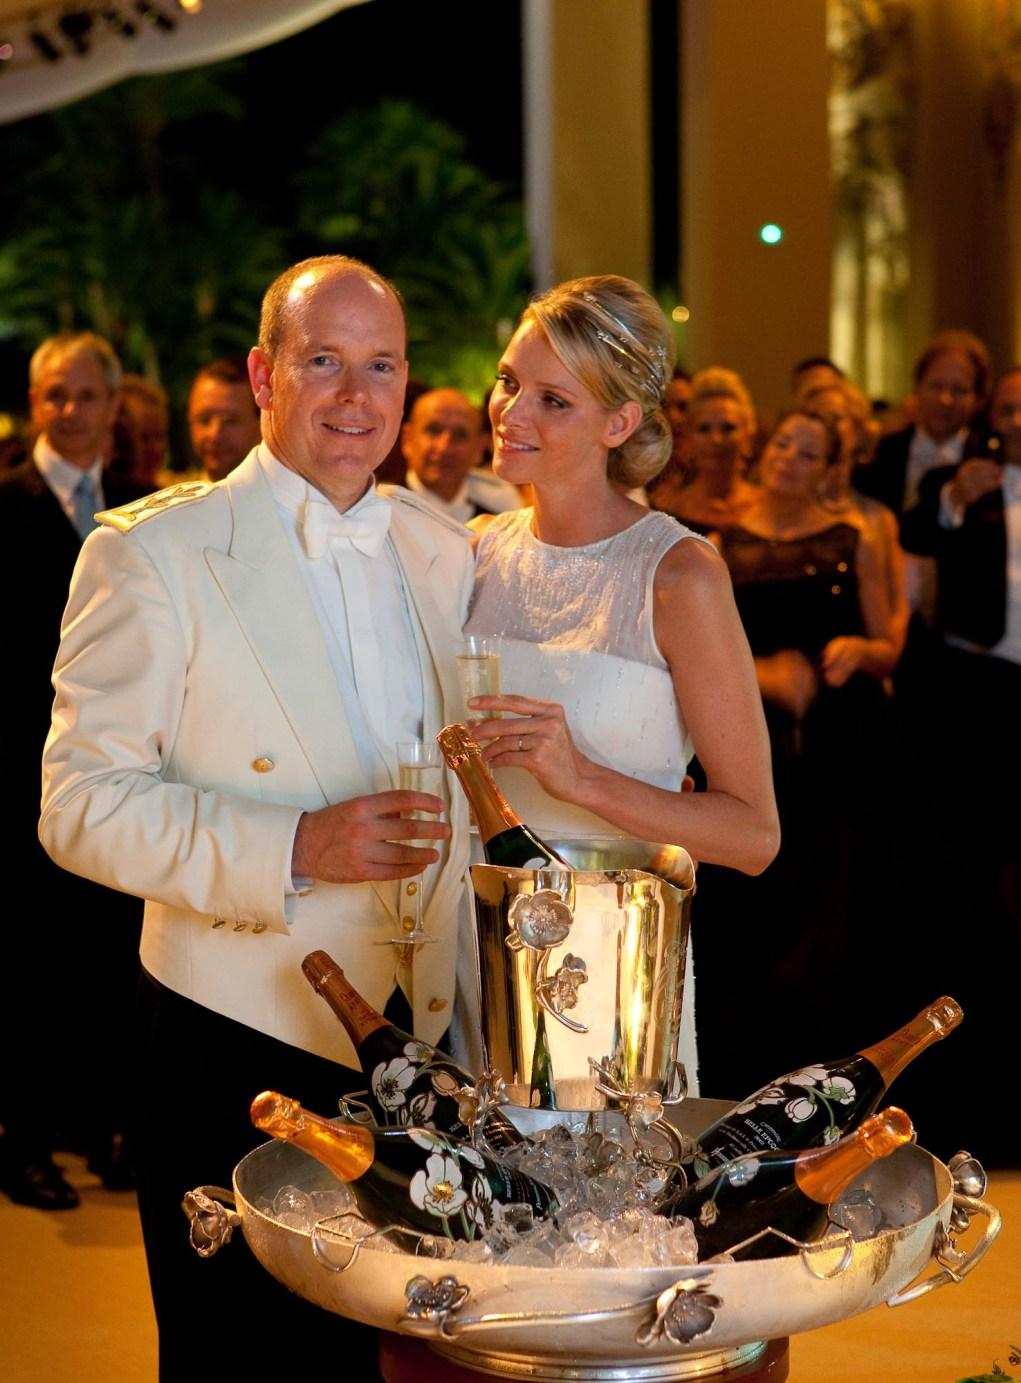 Du Belle Epoque 2002 (Perrier-Jouët) pour un mariage princier.